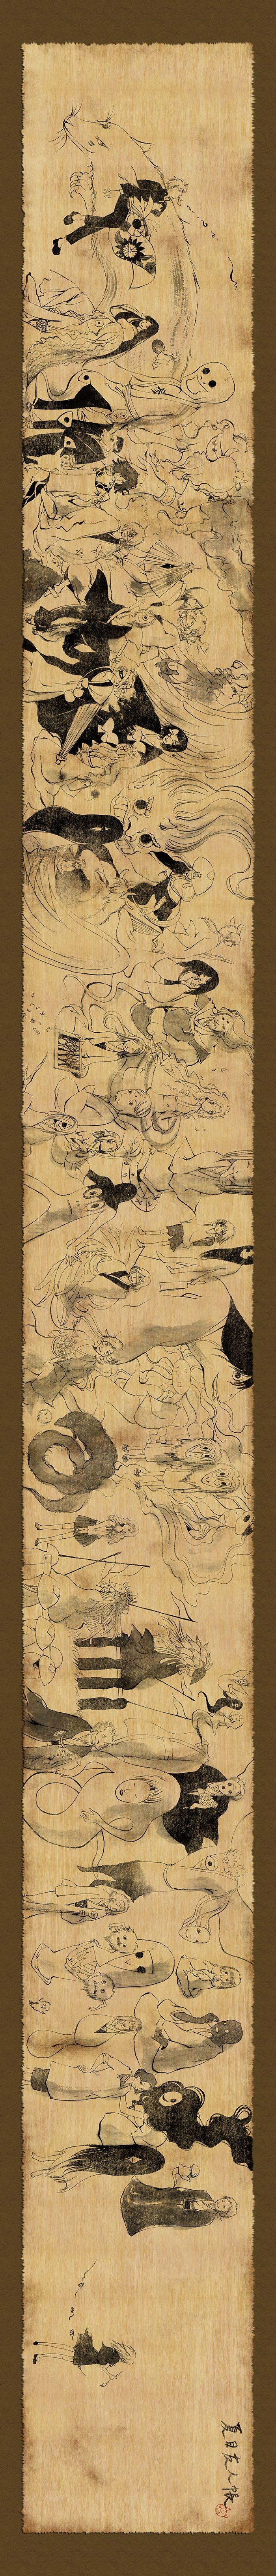 natsume yuujinchou scroll